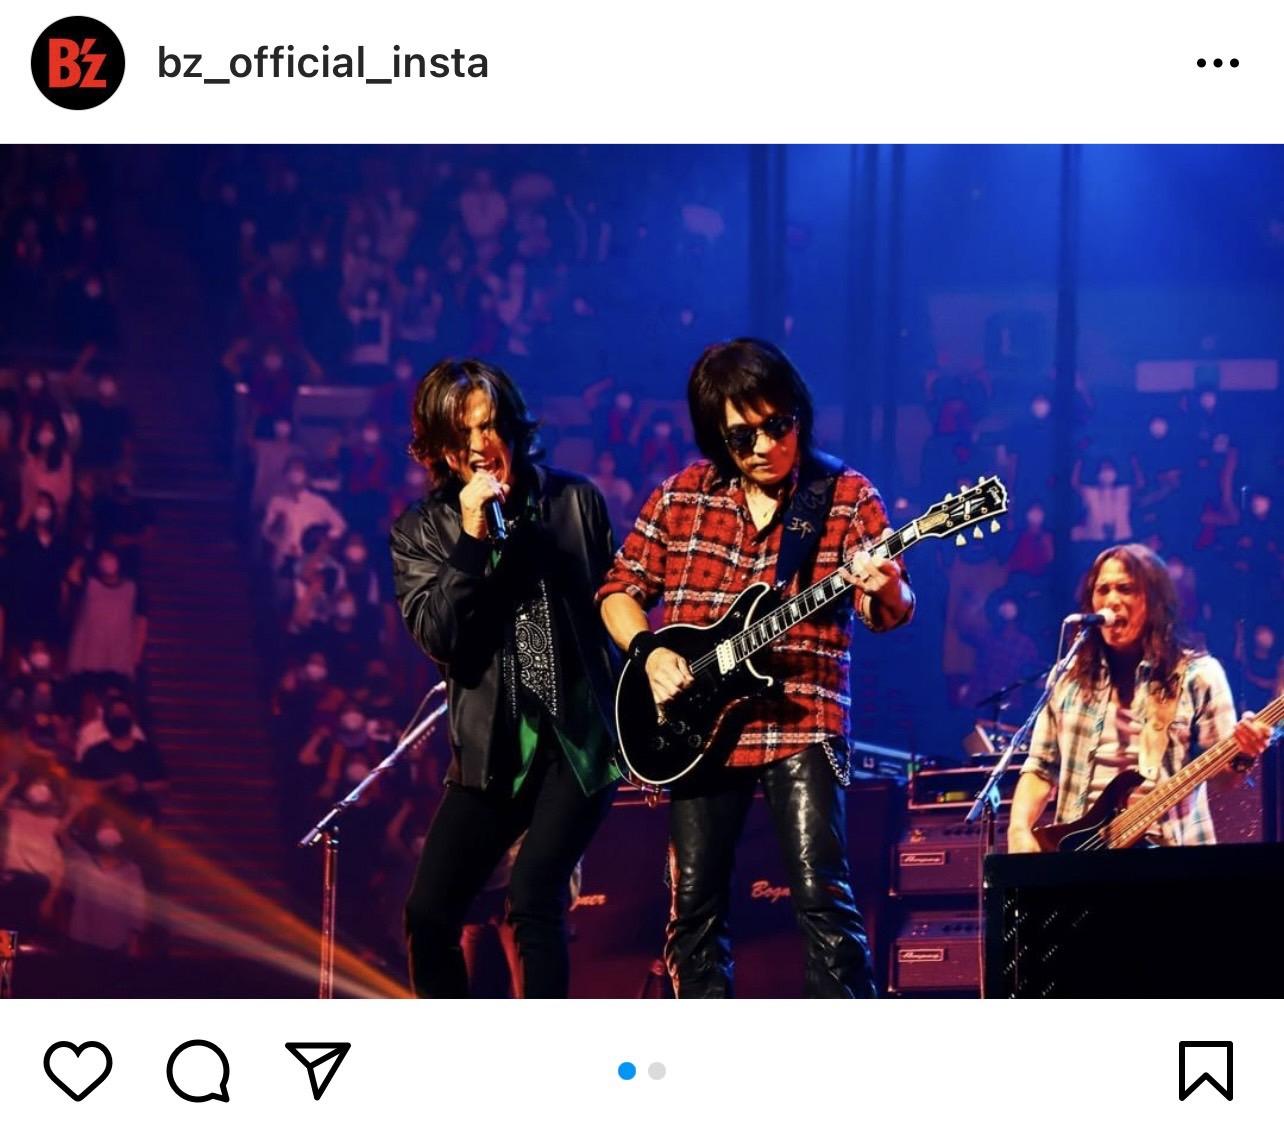 B'z公式Instagramに投稿された『B'z presents UNITE #01』大阪公演のステージ写真(第2弾)